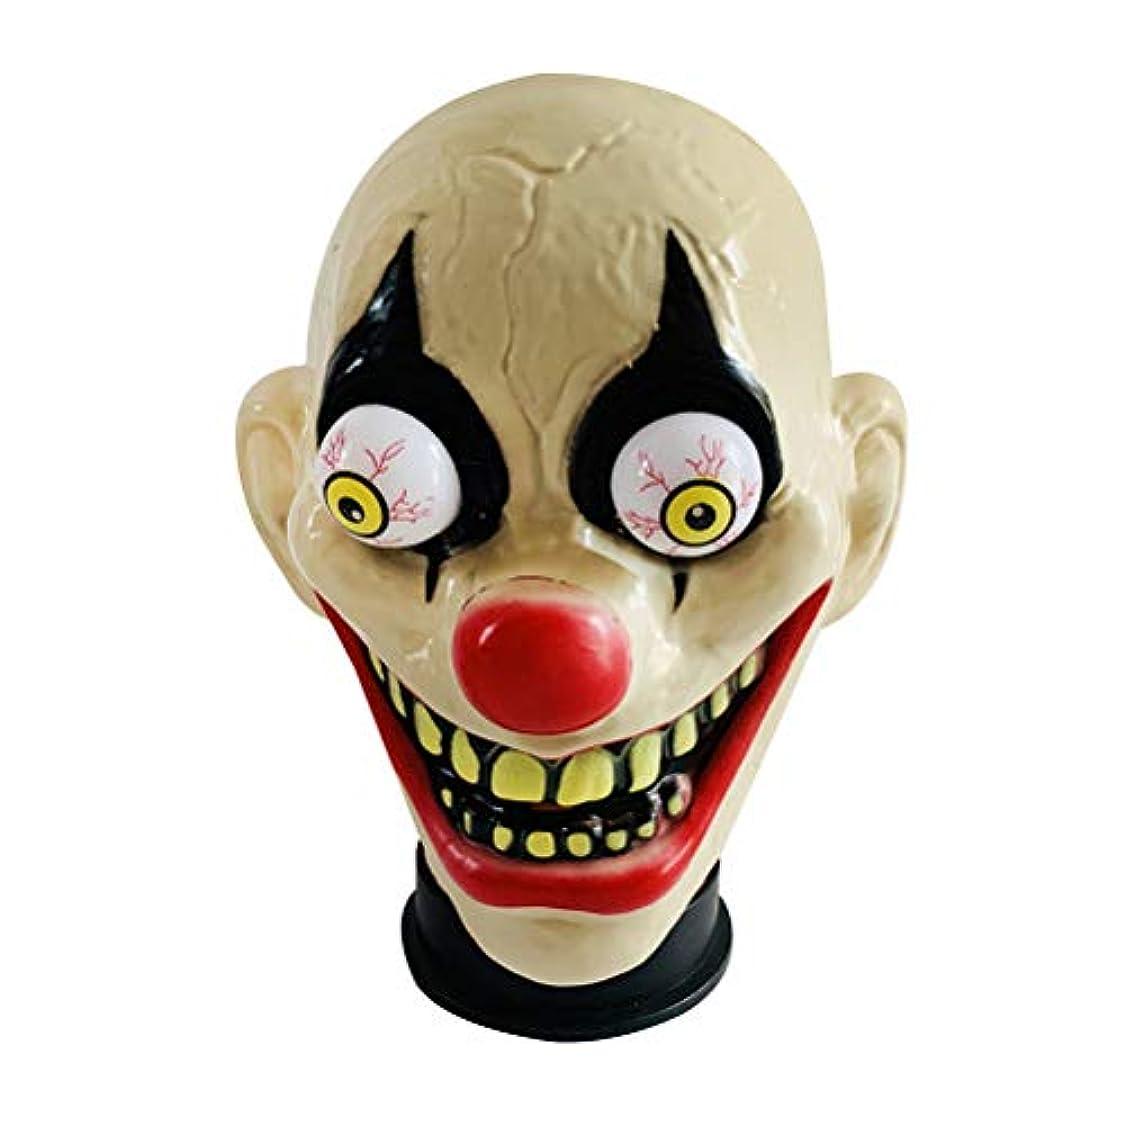 見ました送金アプローチBESTOYARD ハロウィーン怖いピエロマスクテロホラーピエロヘッドカバーハロウィンコスプレパーティー用男性用マスク(ピエロタイプ)